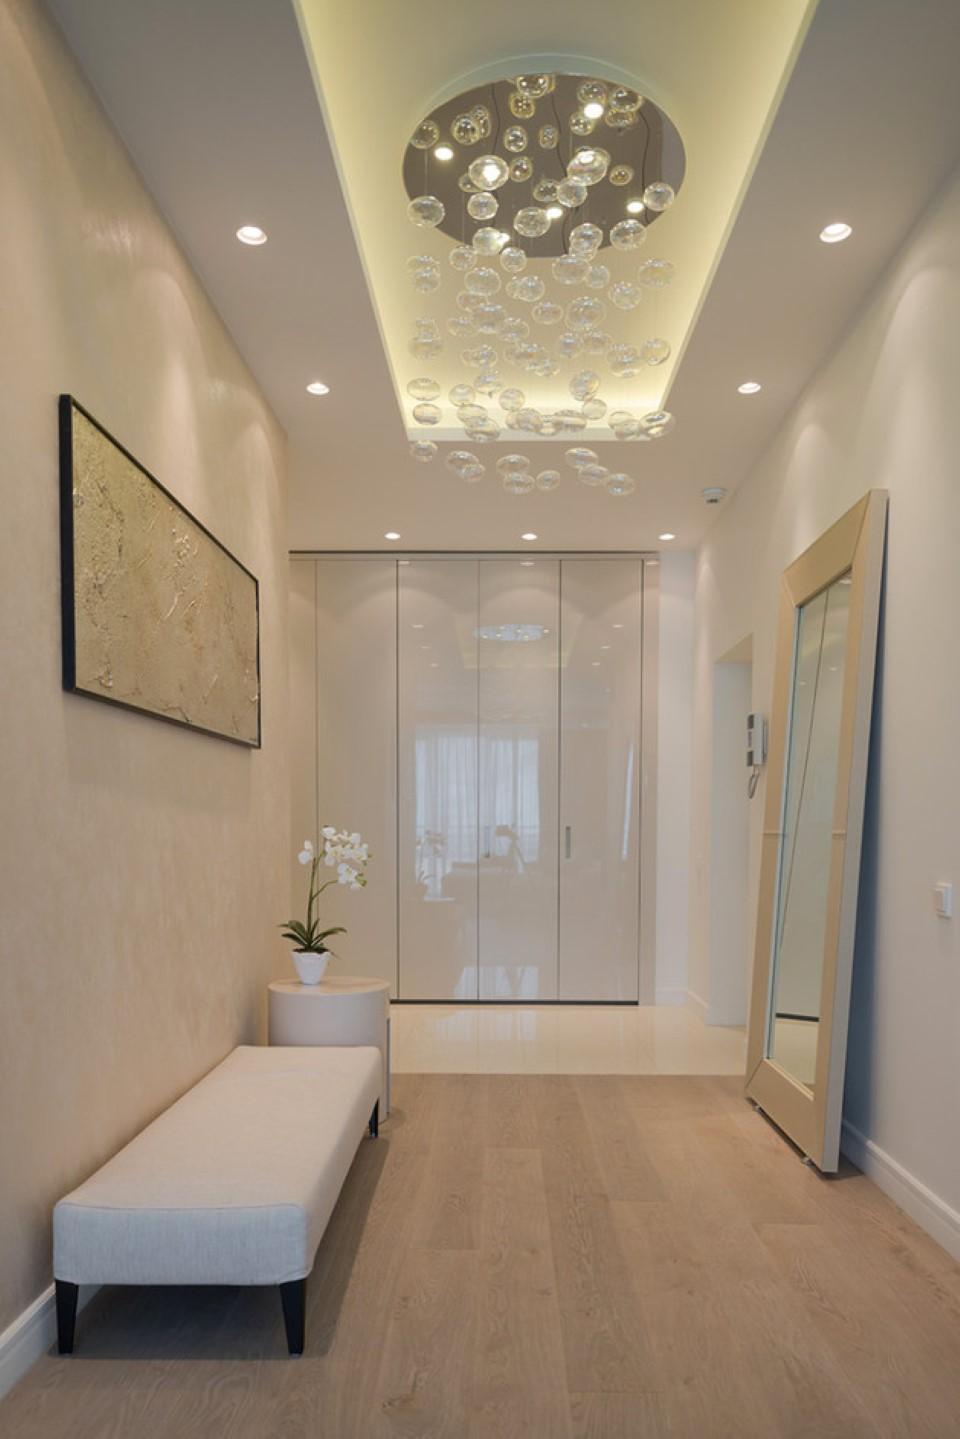 banc-long-rembourré-confortable-plus-rectangulaire-longueur-de-plancher-miroir-et-couloir-contemporain-idées-d'éclairage-et-petite-décoration-de-fleurs